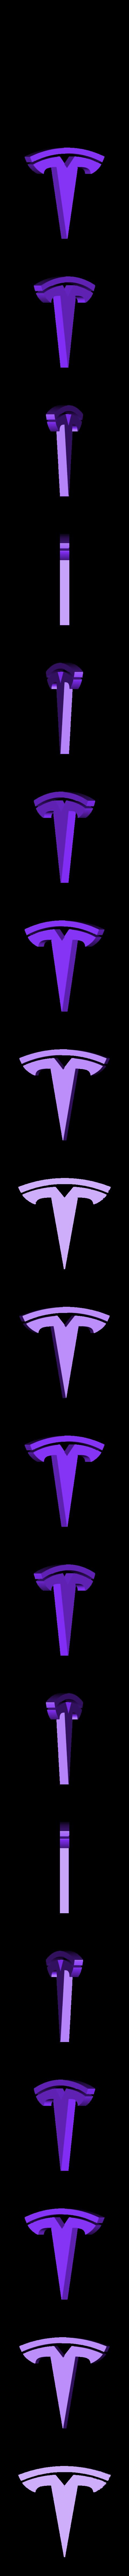 logo_only.stl Télécharger fichier STL gratuit TESLA PORTE-CLÉS • Objet imprimable en 3D, Gophy